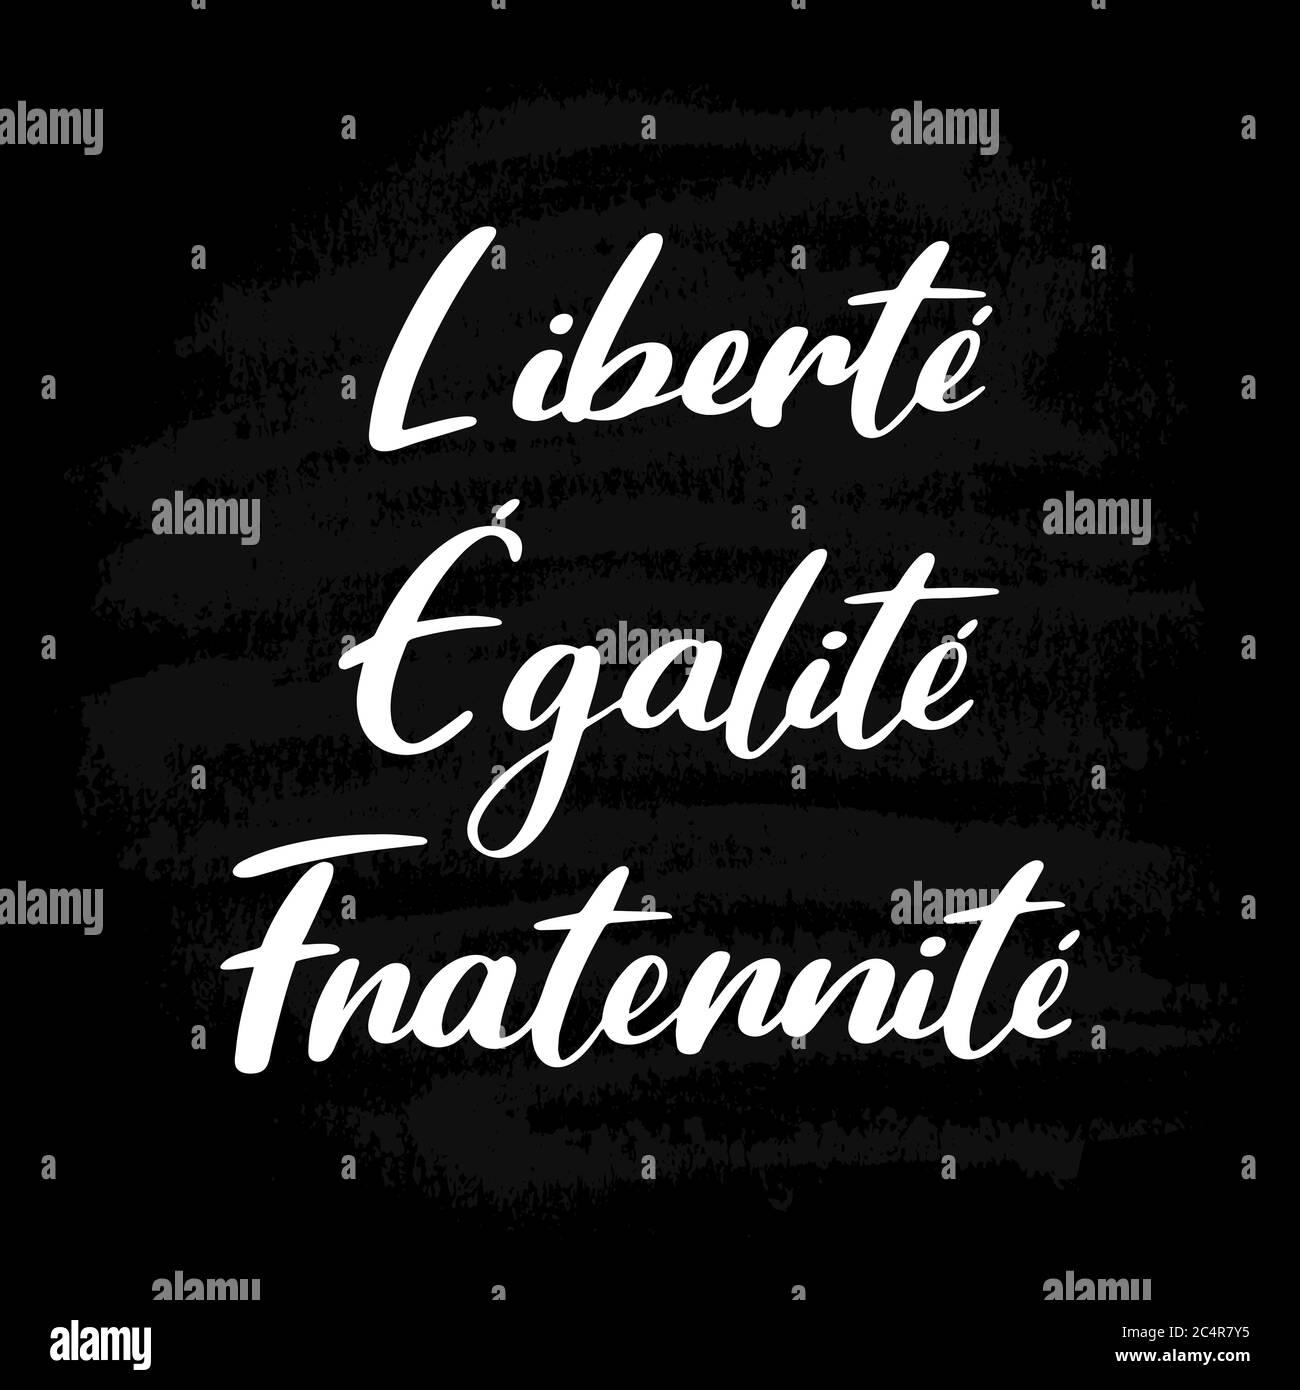 14 De Julio La Cita De La Hermandad De La Igualdad De La Libertad En Francés